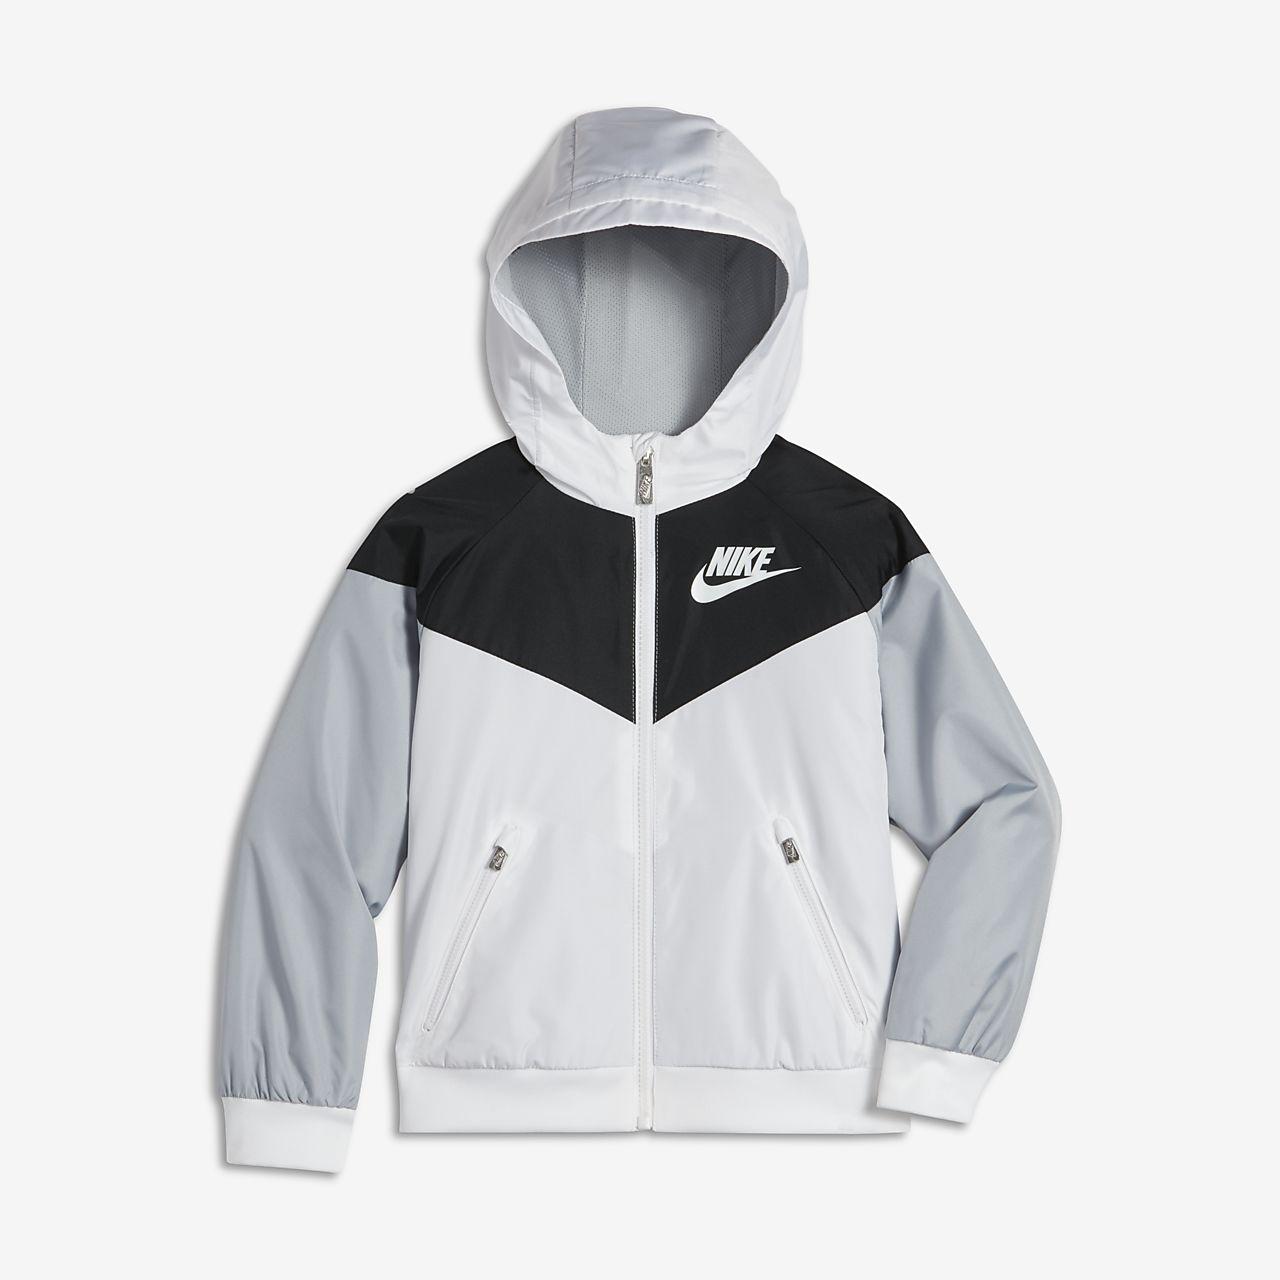 Nike Sportswear Windrunner 幼童夹克